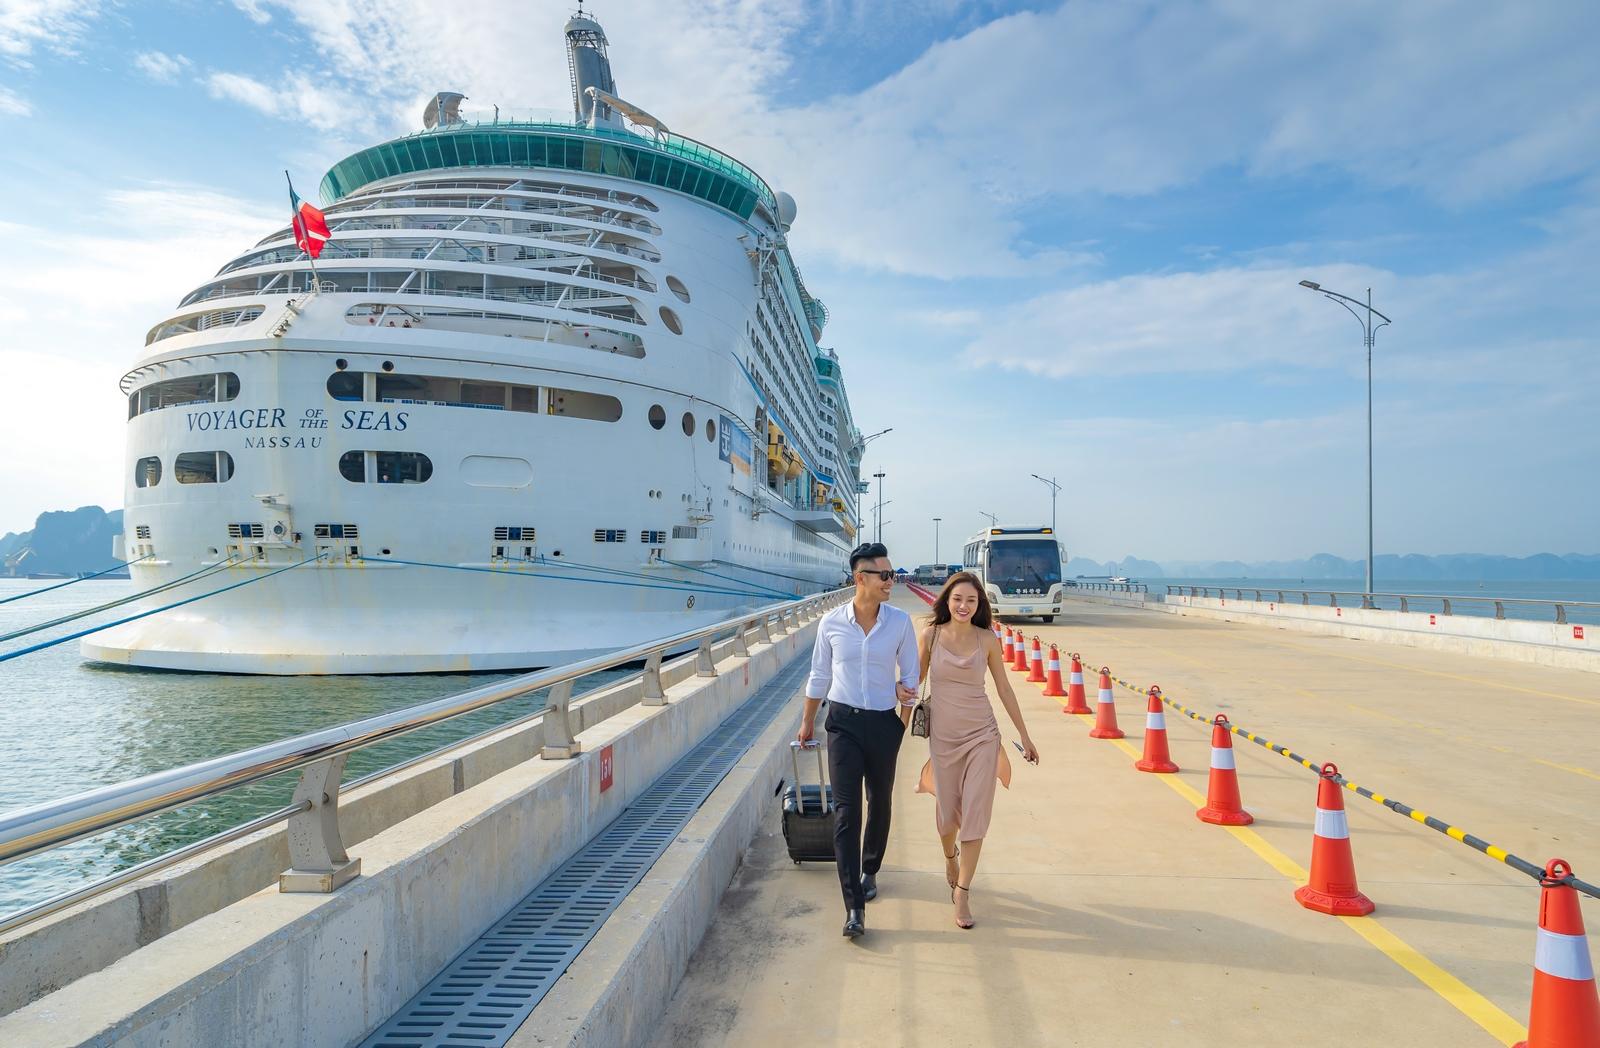 Du lịch MICE và những xung lực mới của bất động sản du lịch Hạ Long